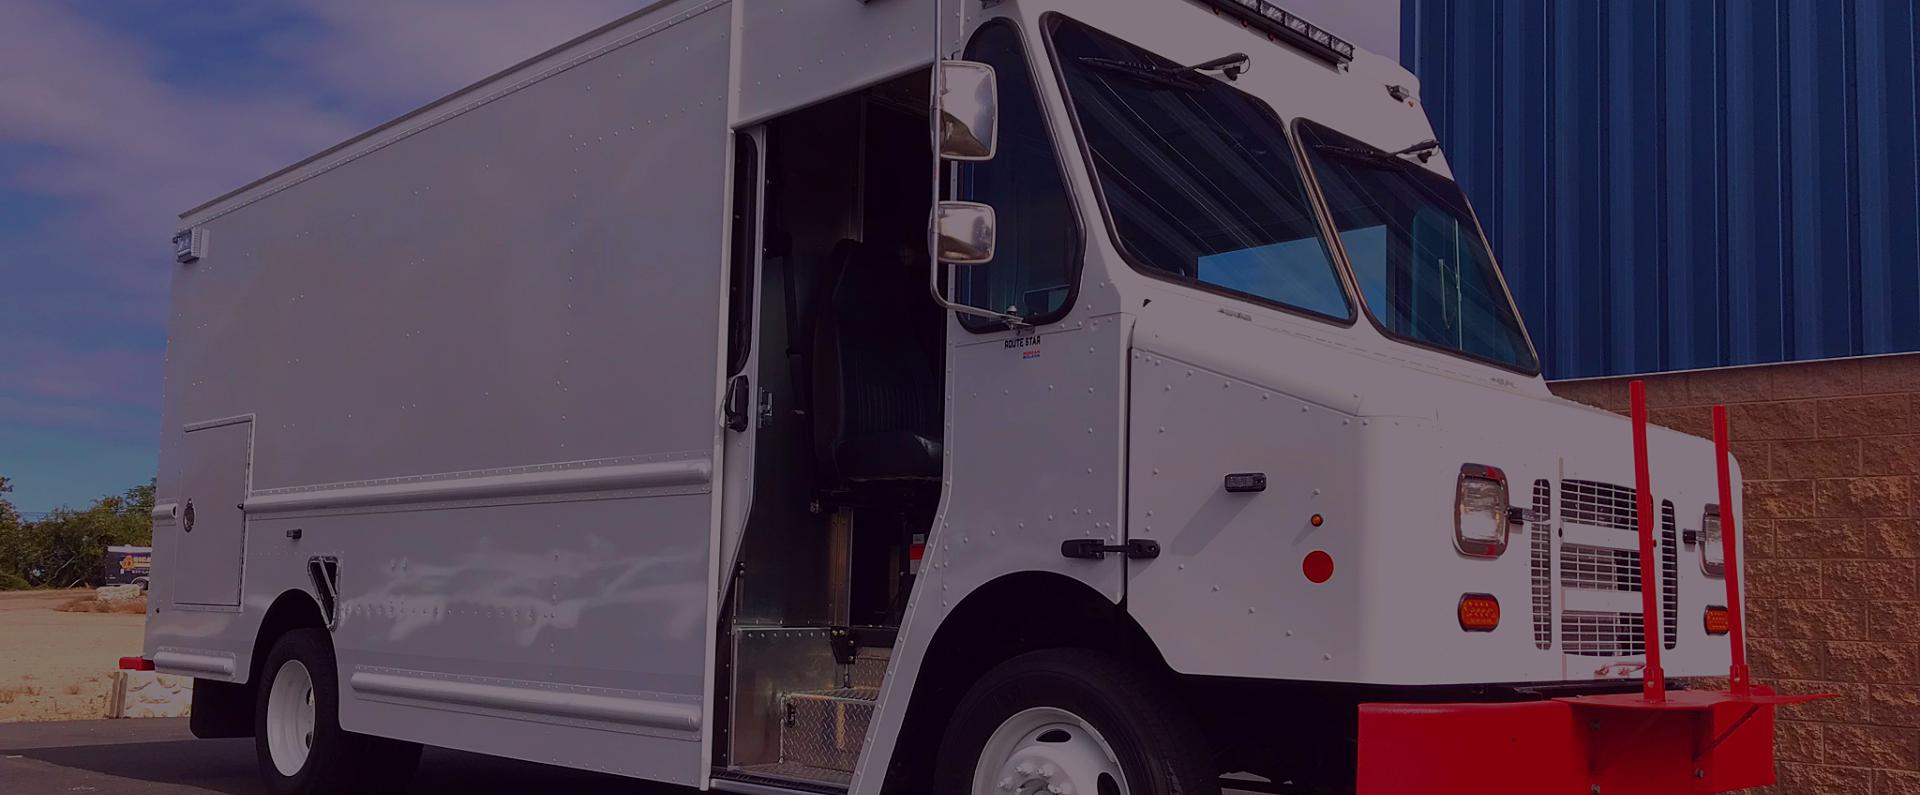 First Priority Emergency Vehicles Custom Step Vans Specialty Vehicles